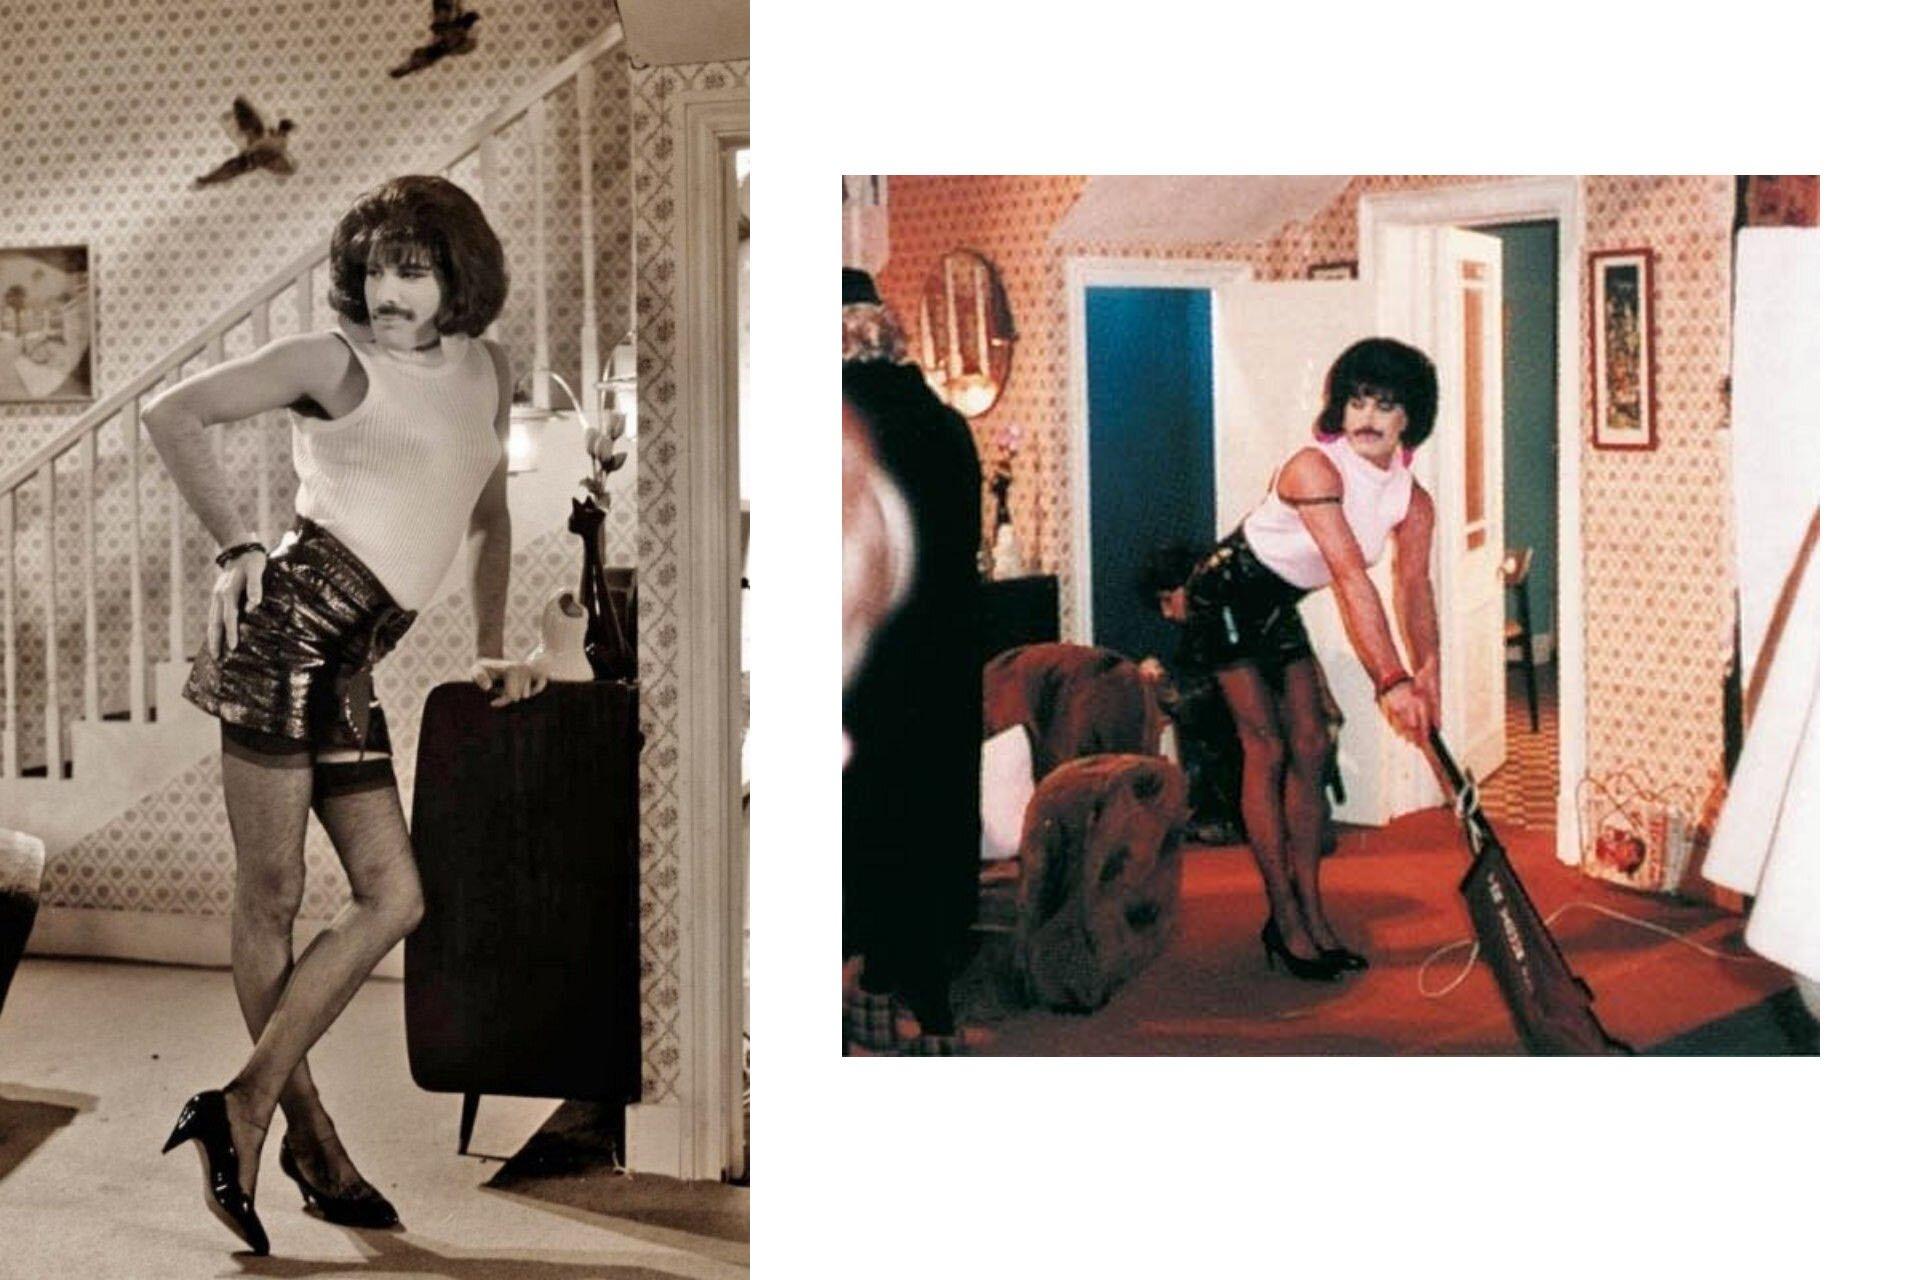 Wszyscy powinniśmy ubierać się jak Freddie, Freddie Mercury, Stylizacje Queen, Stylizacje Freddie, I want to Break Free, 10 przełomowych wcieleń modowych Freddiego